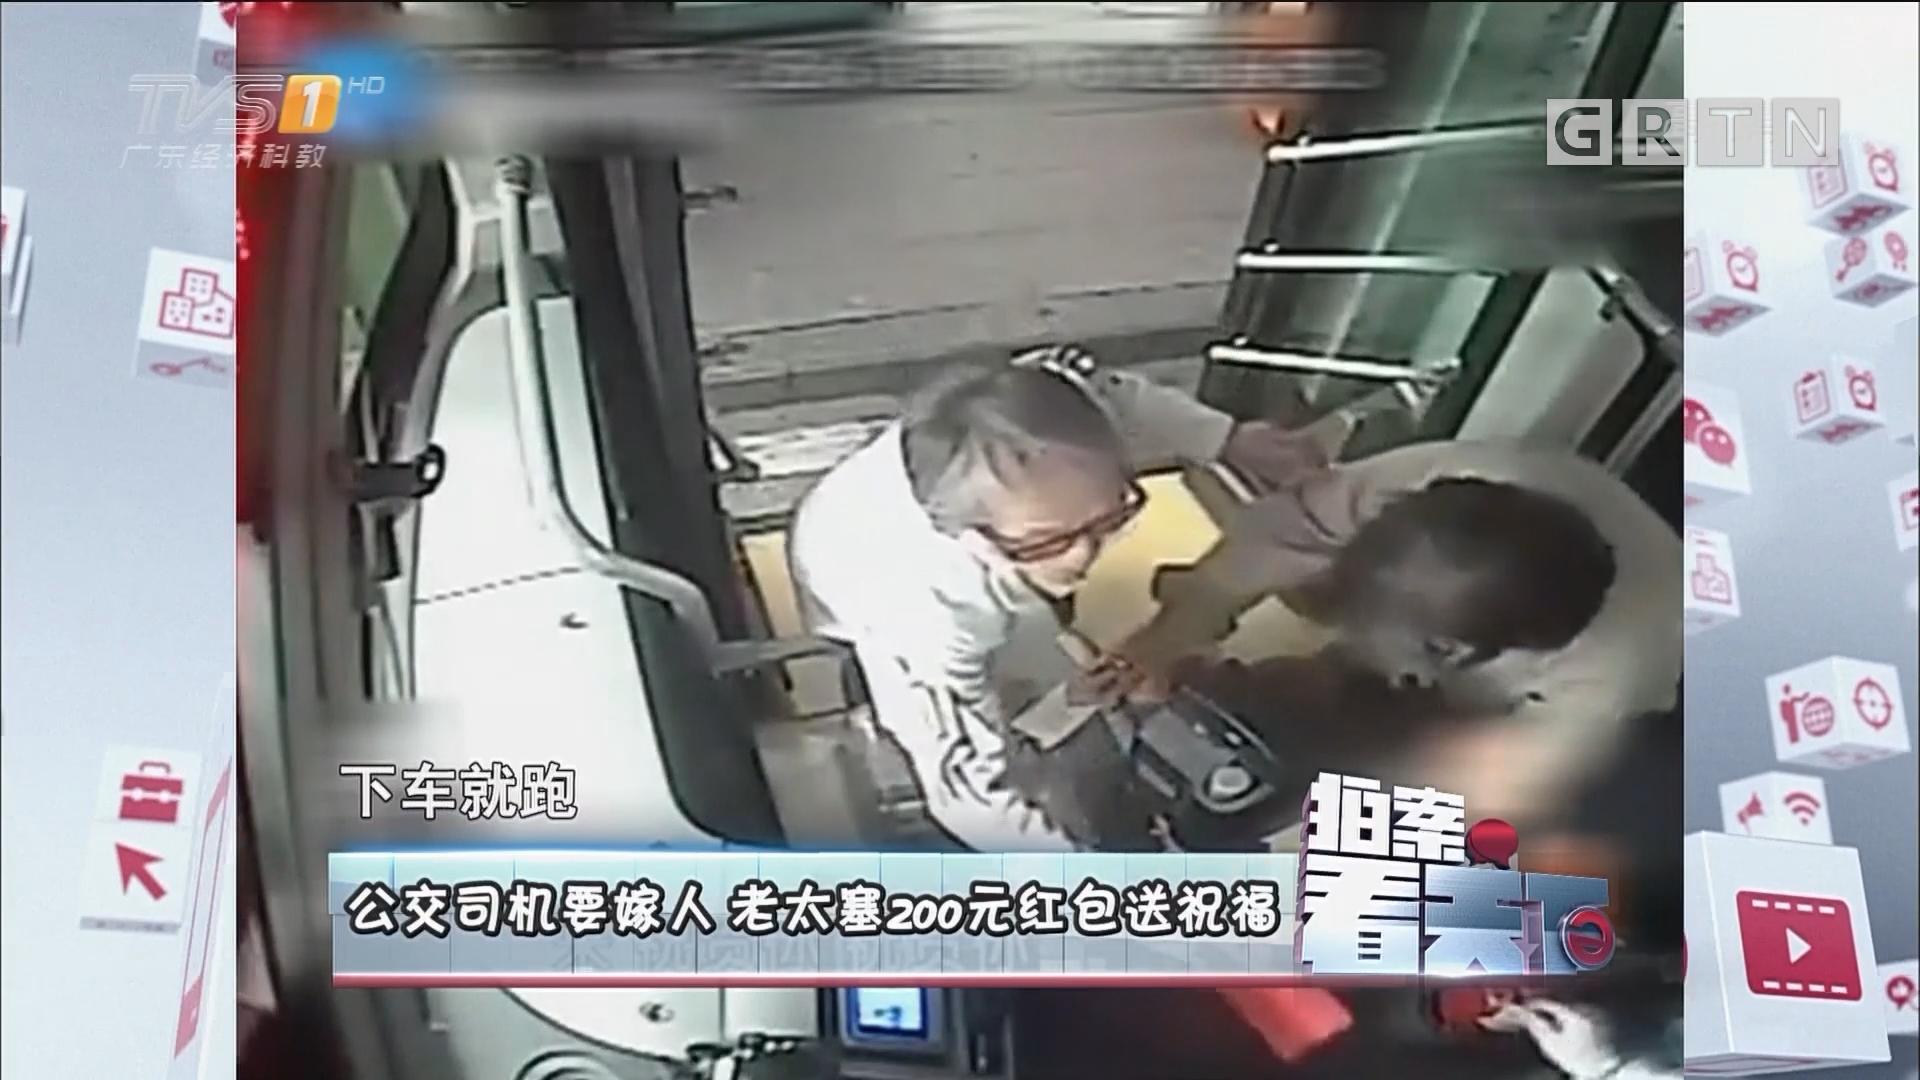 [HD][2017-10-20]拍案看天下:公交司机要嫁人 老太塞200元红包送祝福